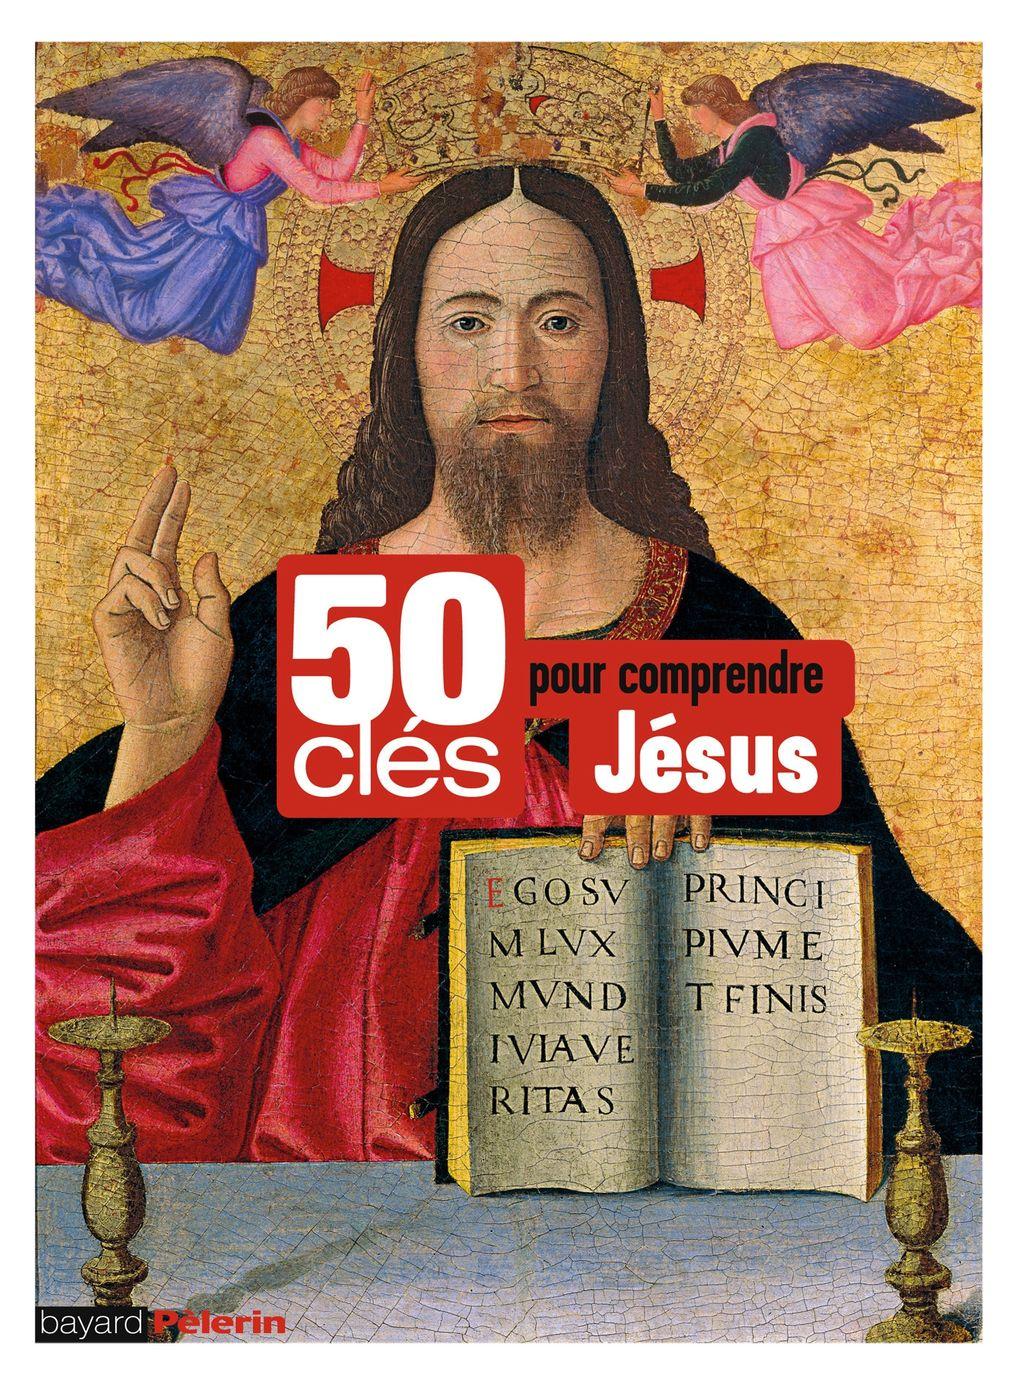 «50 clés pour comprendre Jésus» cover